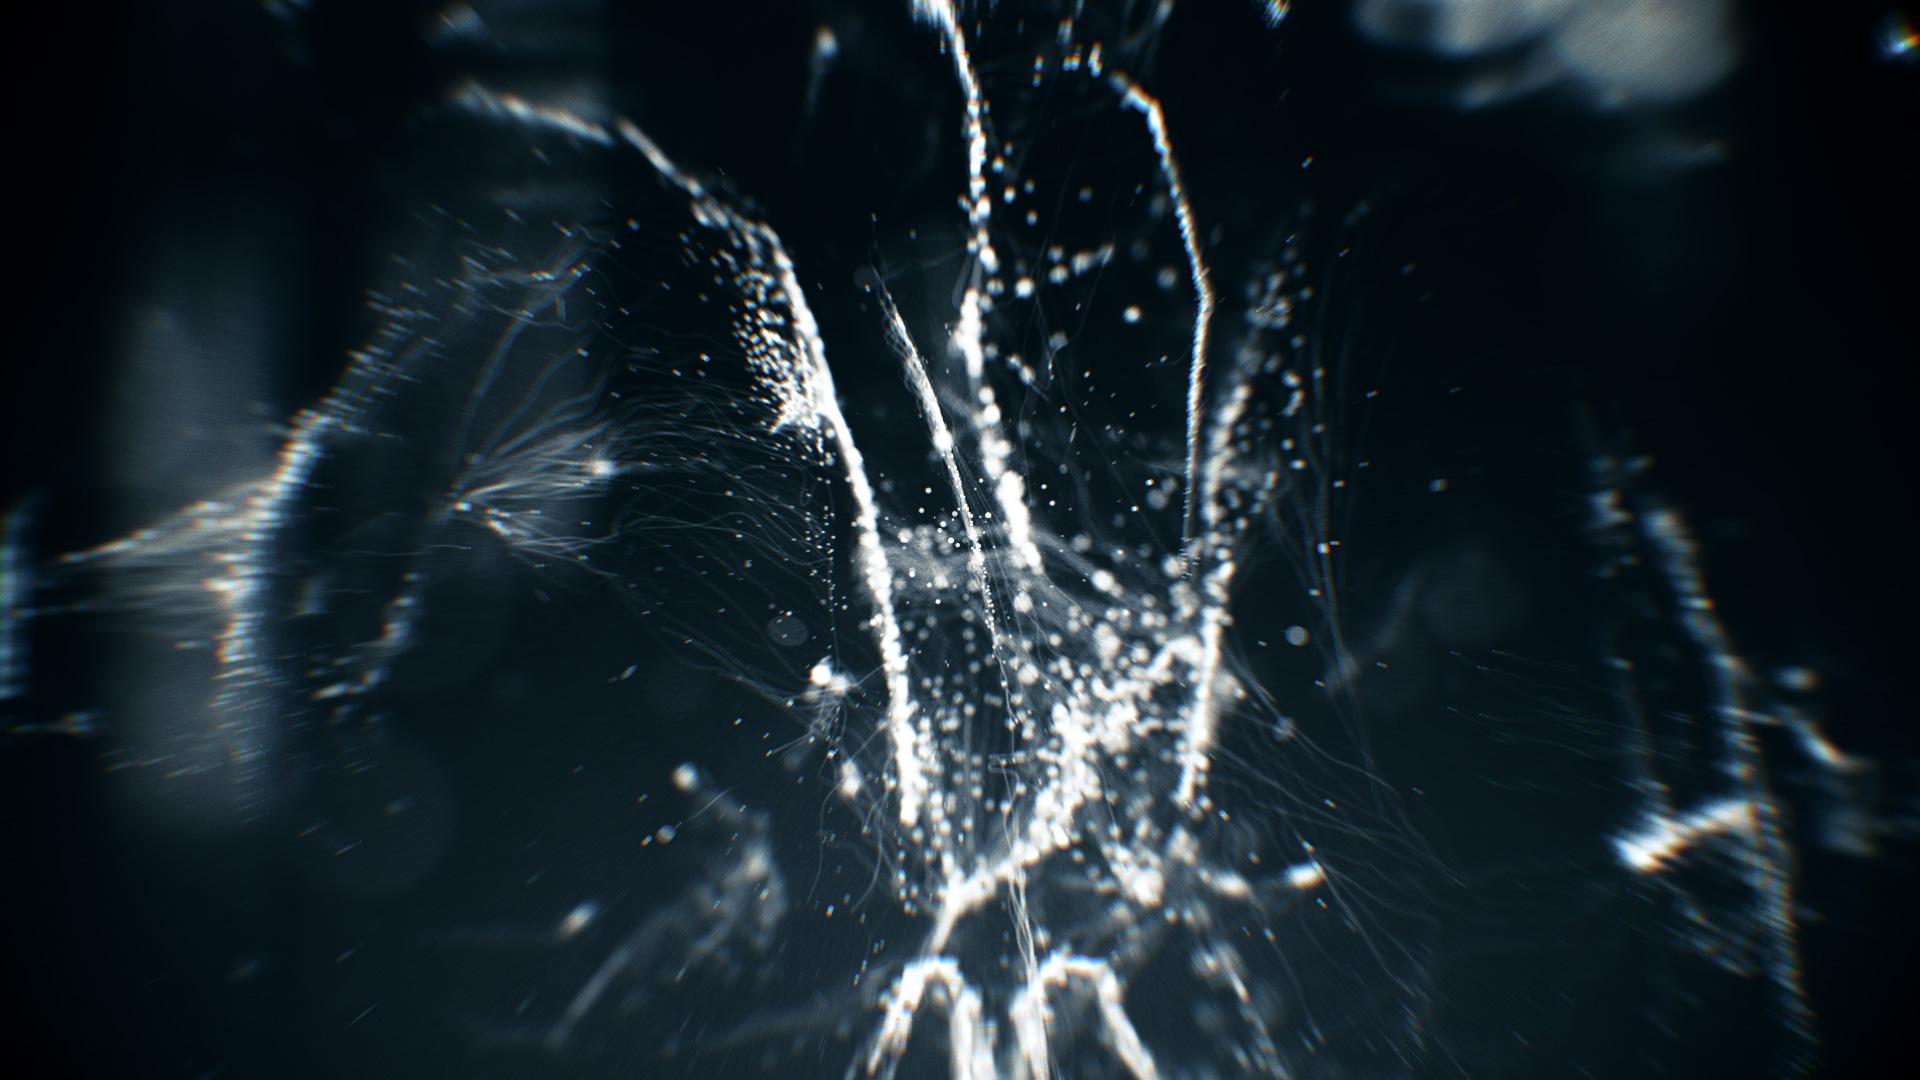 Shot_25_Synapses_v2_009c_07 (00057).jpg